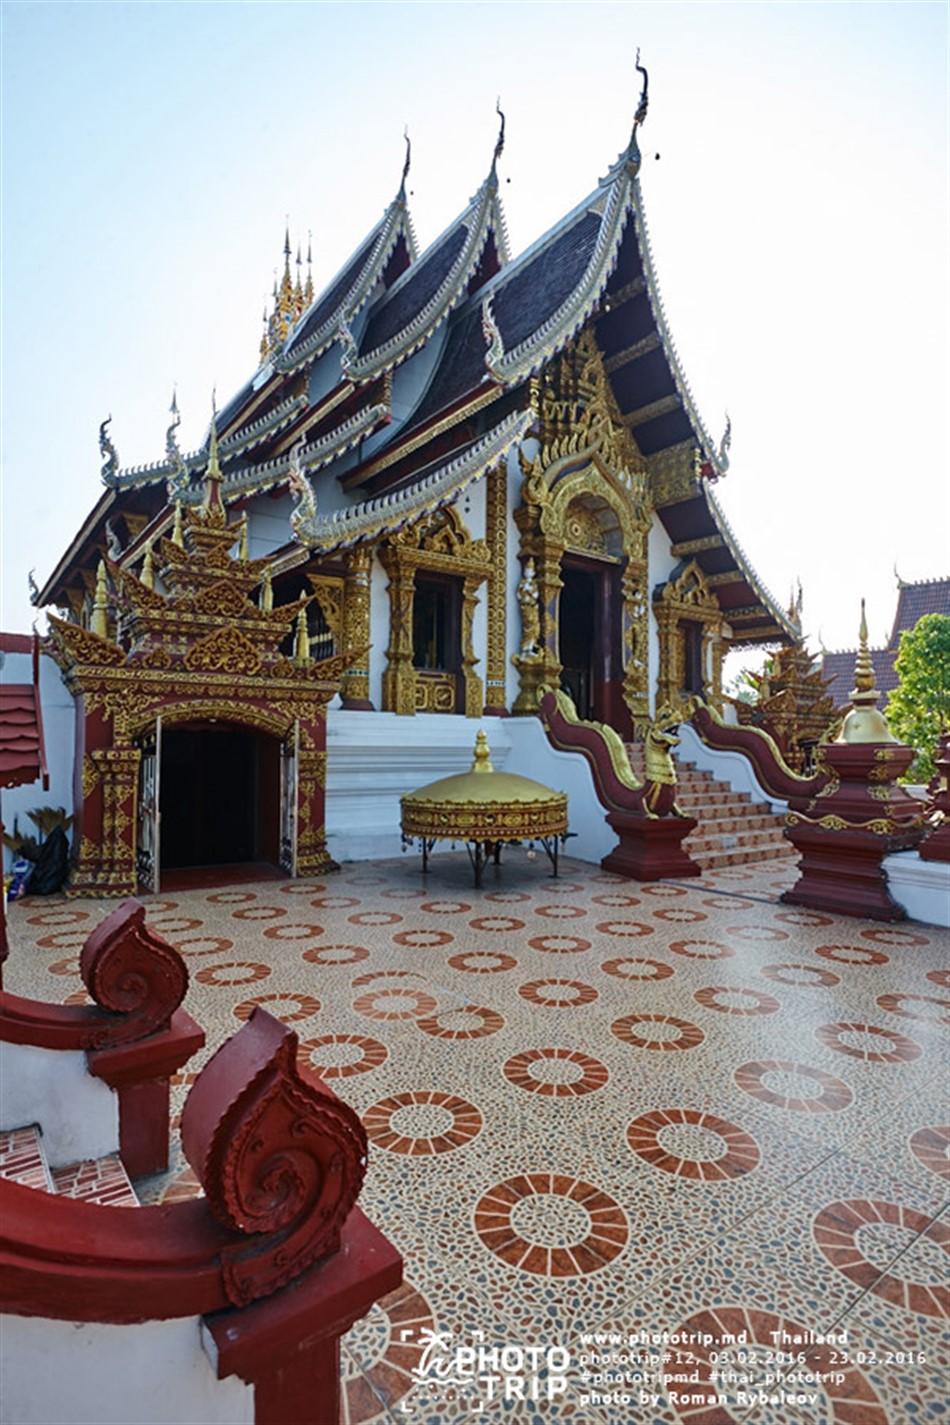 thailand2016_part3_072_950x1425